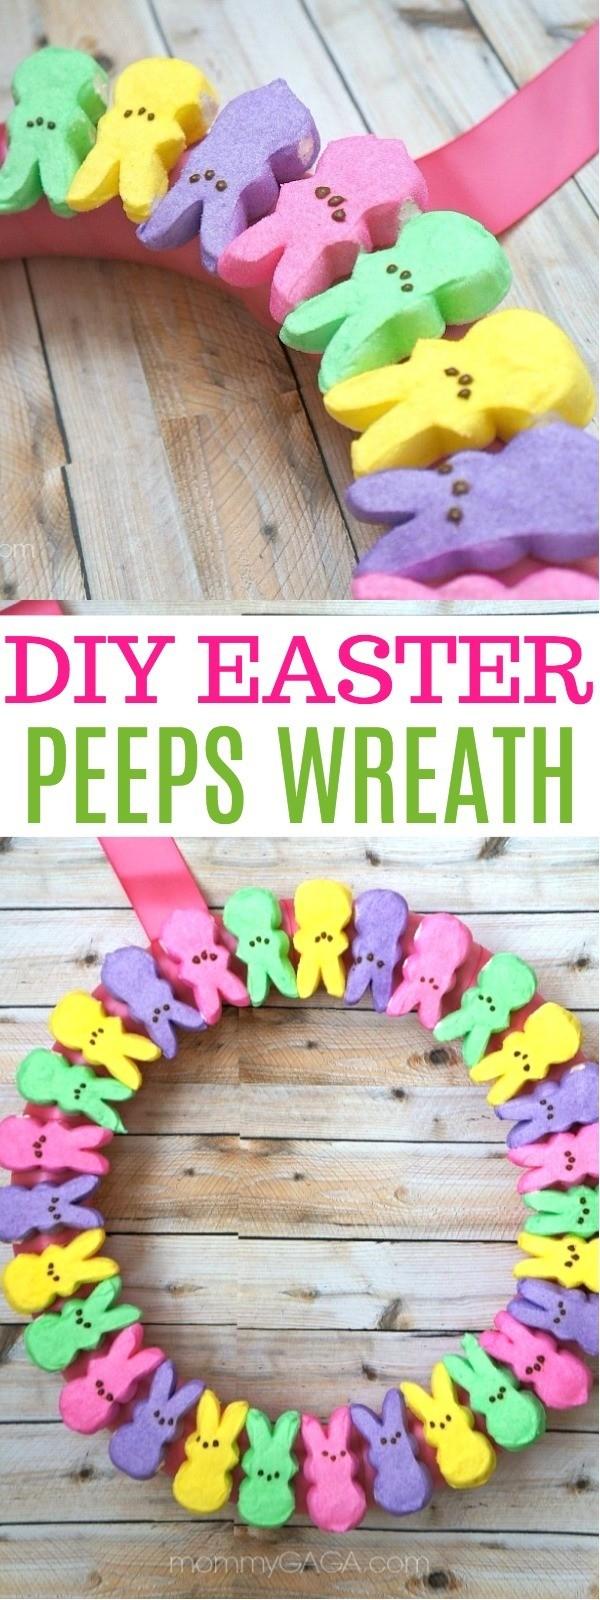 This Easy DIY Easter PEEPS Wreath Is The Cutest | Easter spring wreaths | peeps Easter wreath | diy easter wreaths | homemade spring wreath | diy easter decor | honeyandlime.co